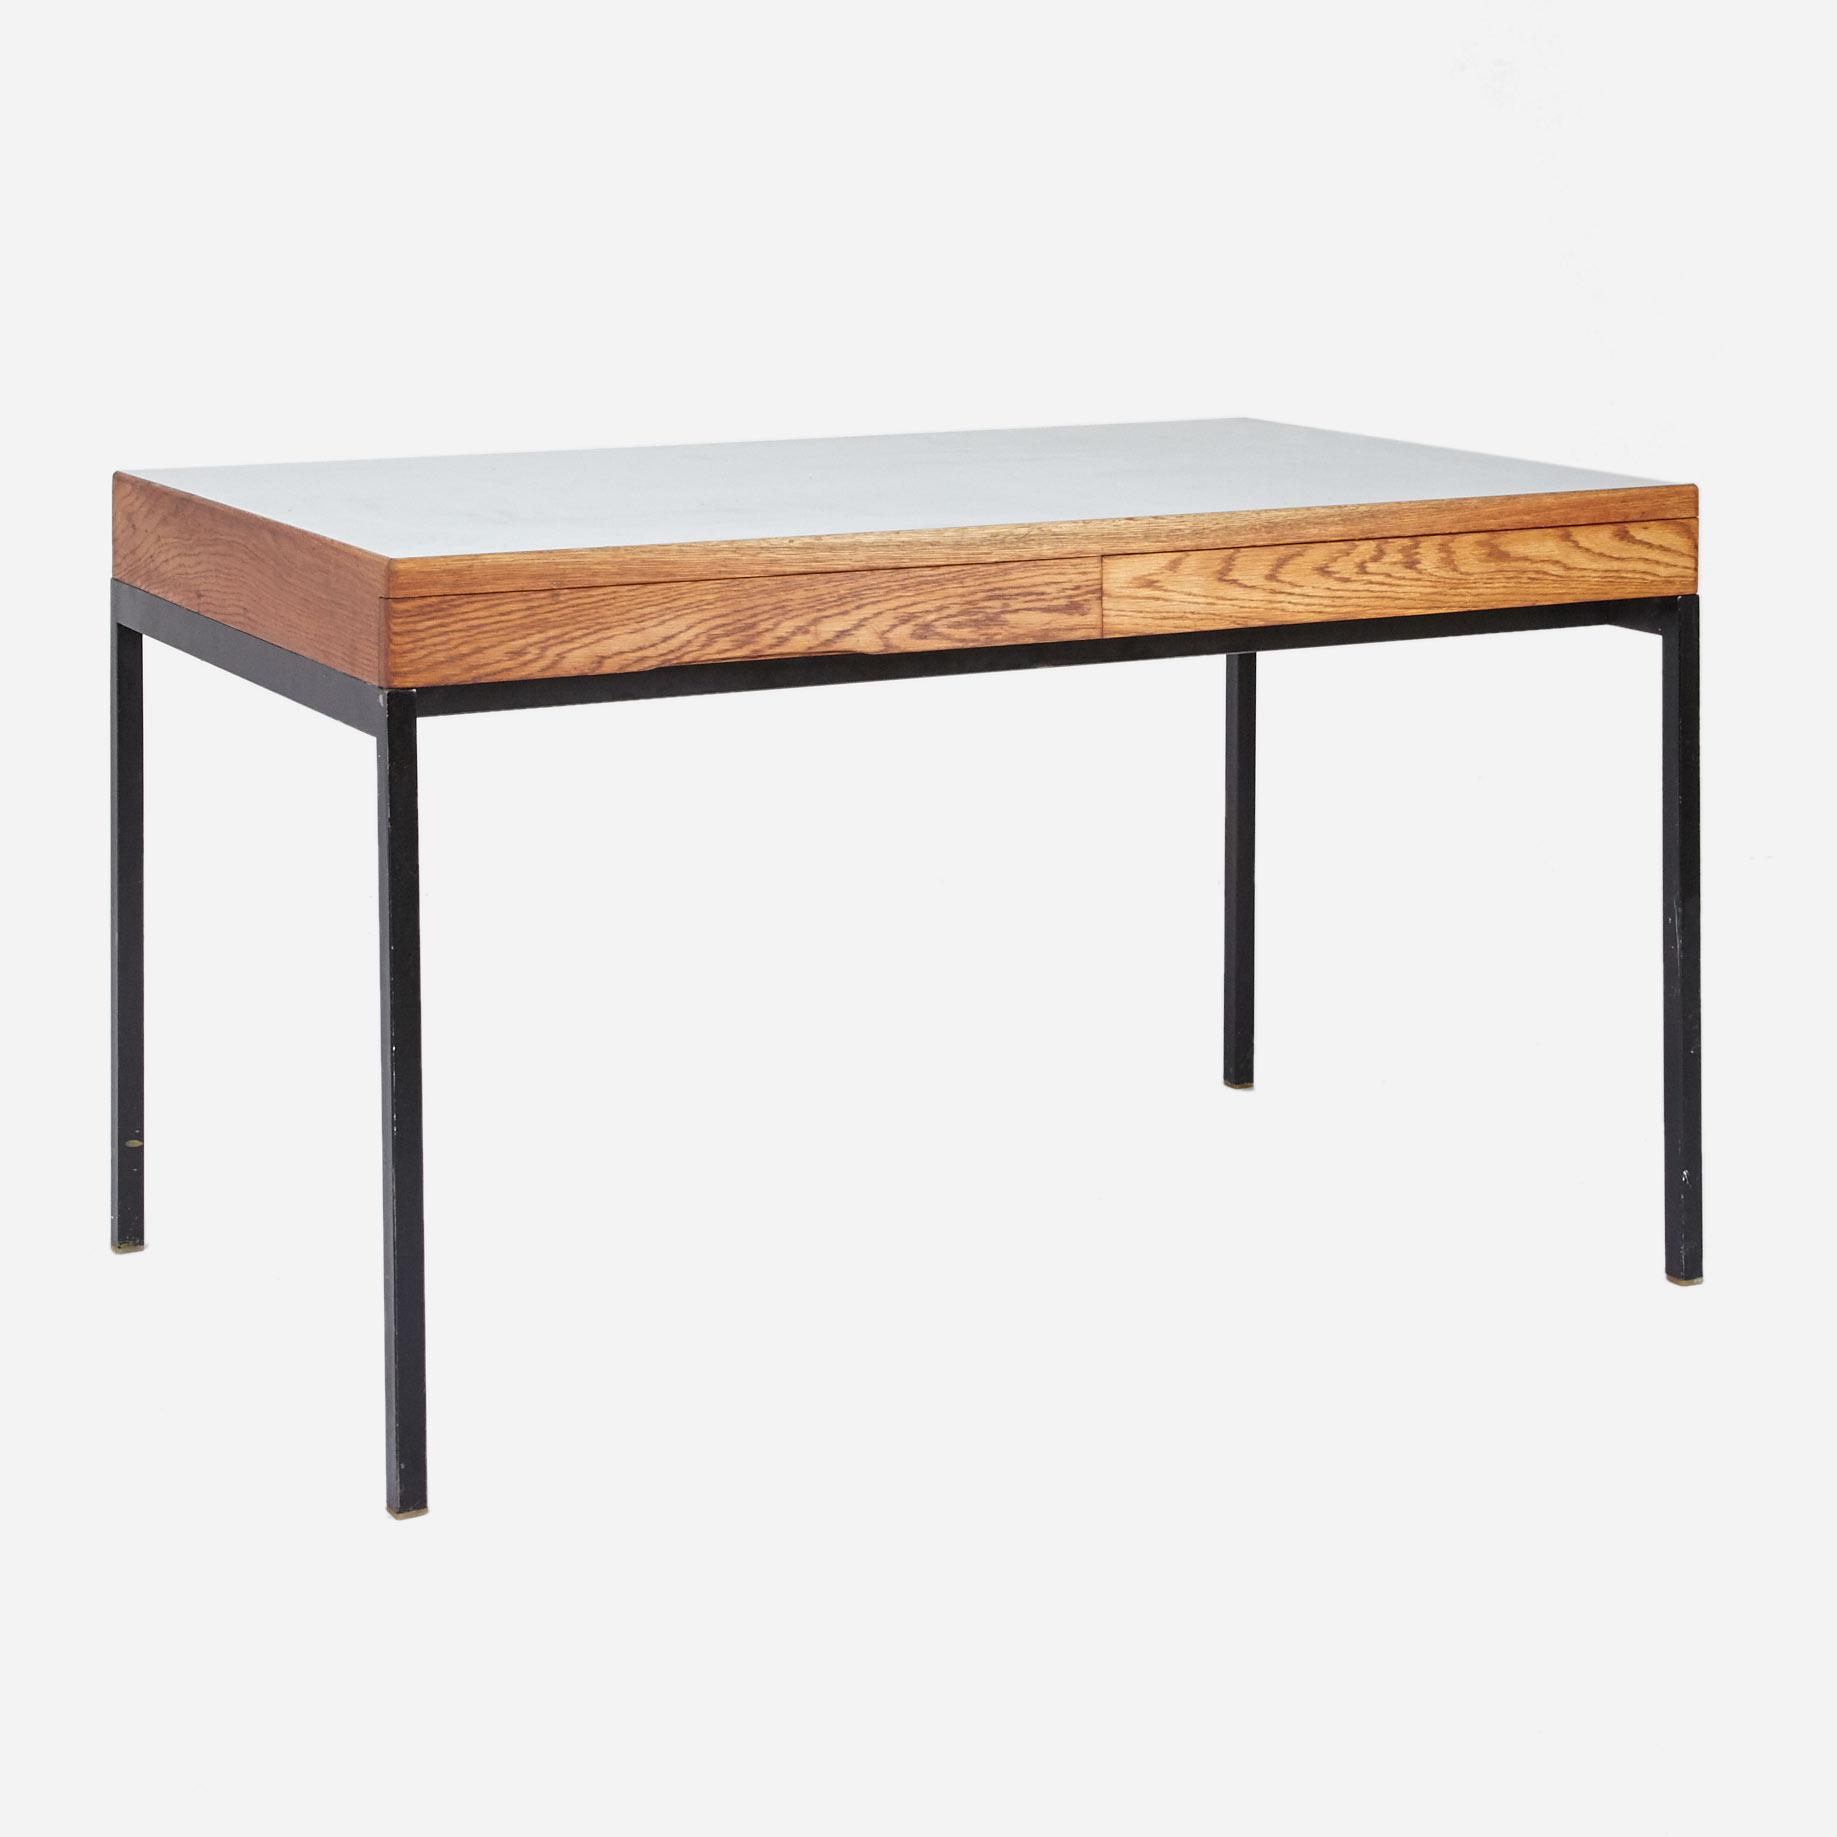 schreibtisch mit metallgestell geschliffen und ge lt m bel z rich vintagem bel. Black Bedroom Furniture Sets. Home Design Ideas